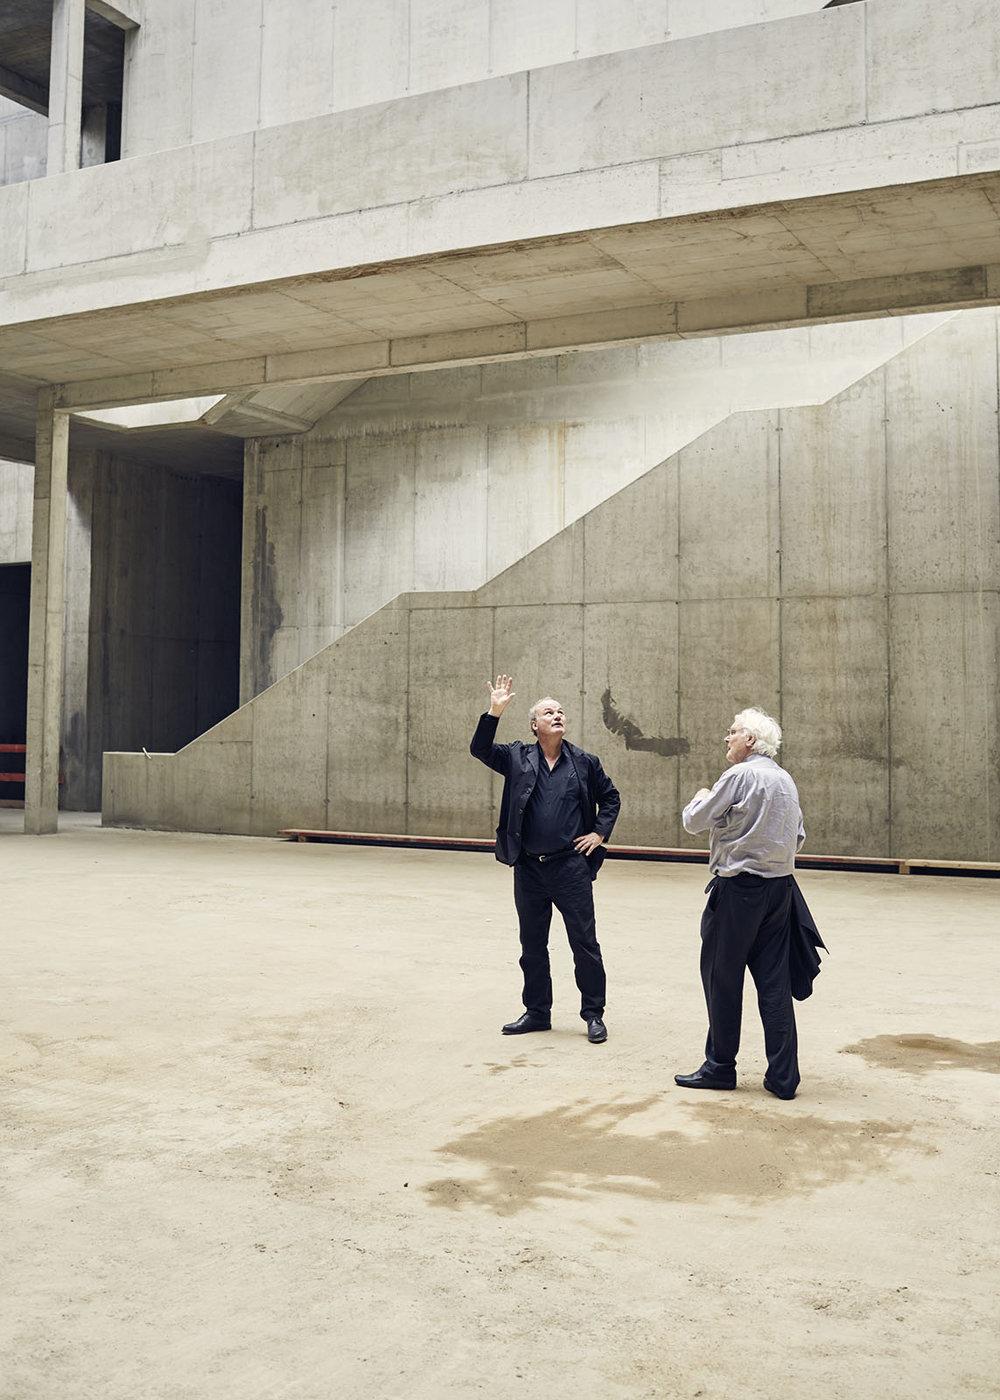 Nikolaus Goetze und Meinhard von Gerkan,gmp – Architekten, am Tag des Richtfestes 1. Juli 2016